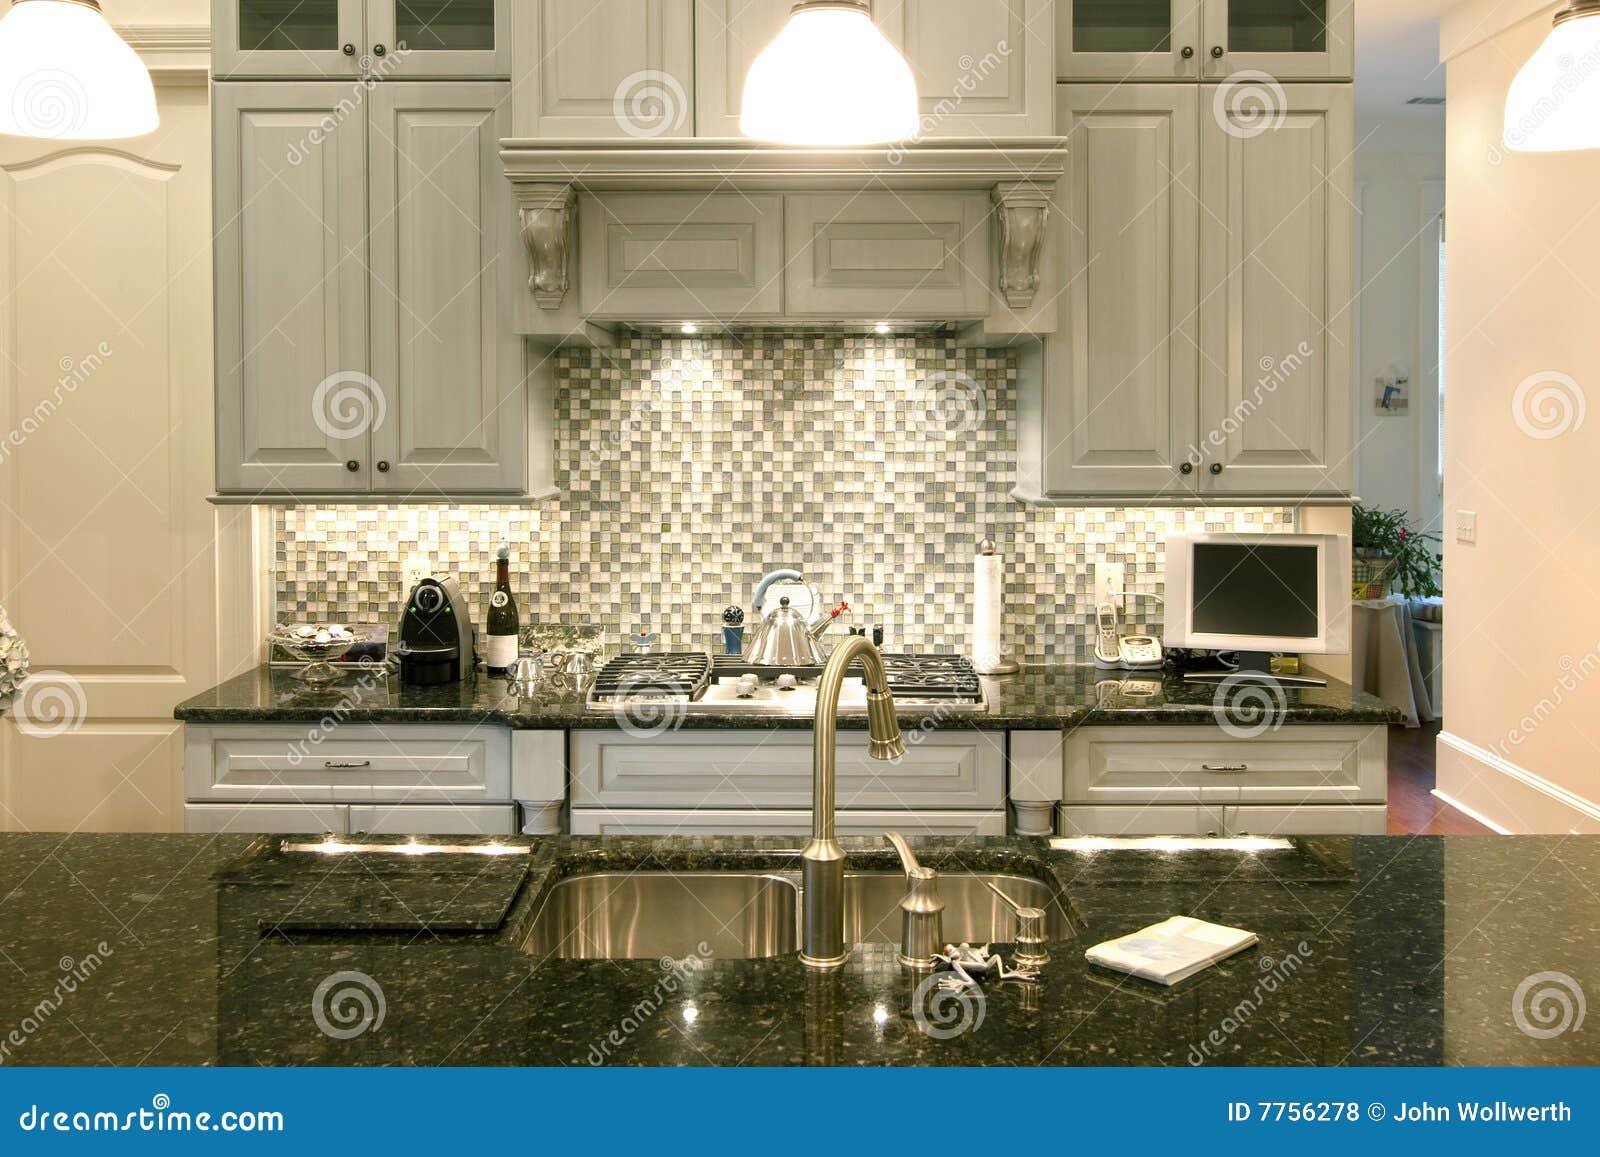 Beautiful backsplash royalty free stock photos image 7756278 - Beautiful kitchen backsplashes ...